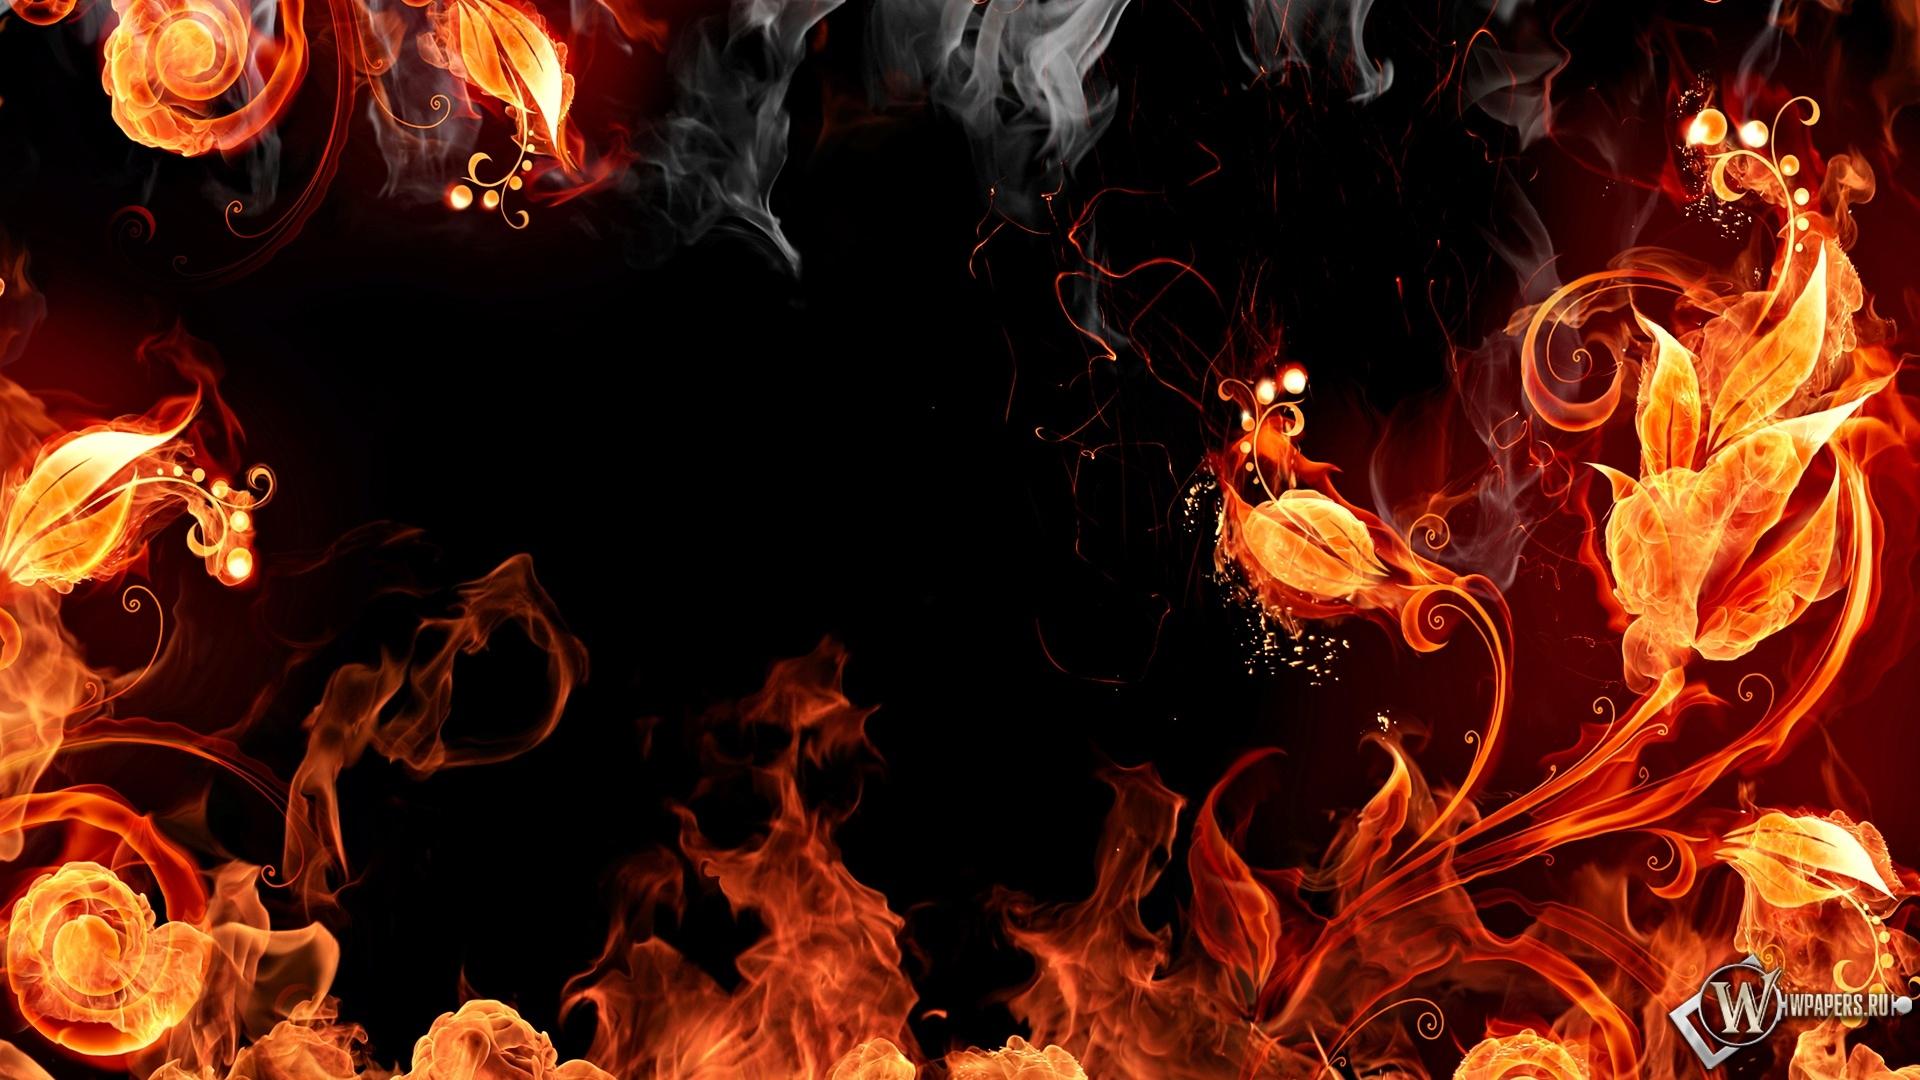 Огненые цветы 1920x1080